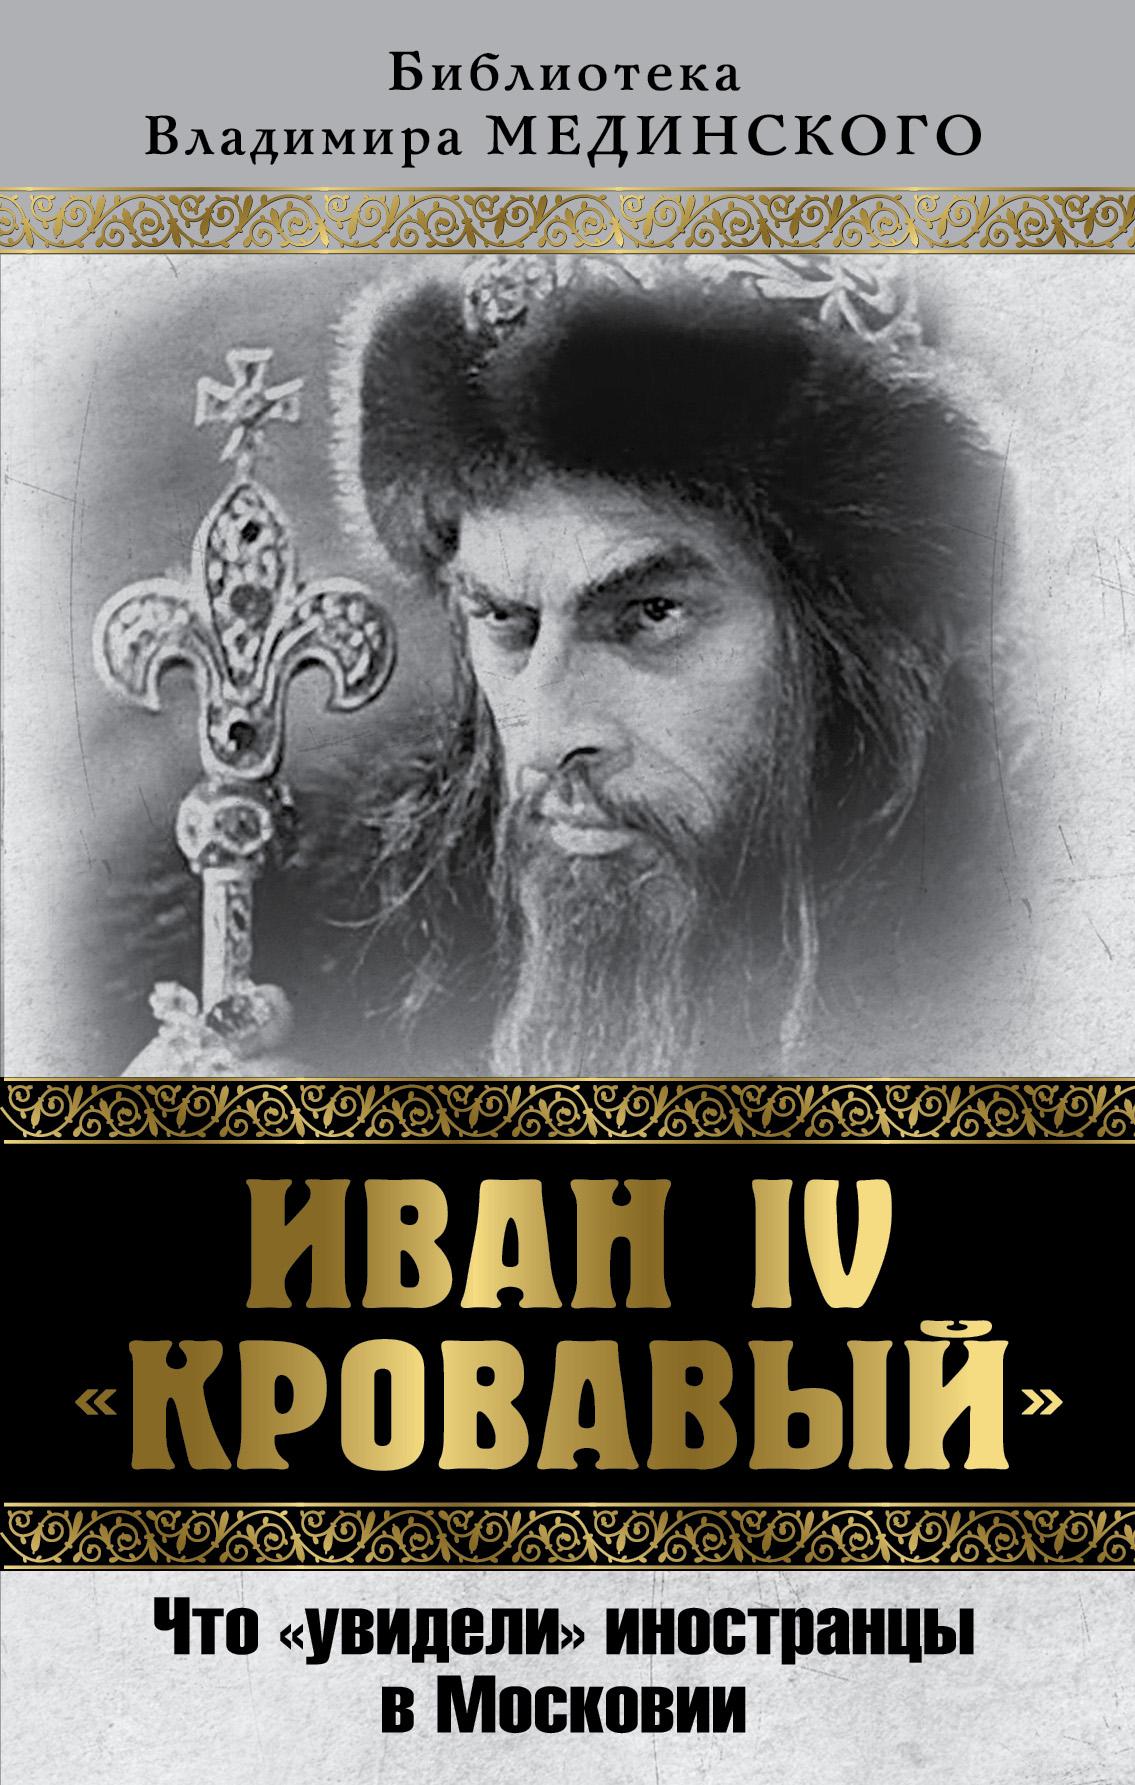 Иван IV Кровавый. Что увидели иностранцы в Московии